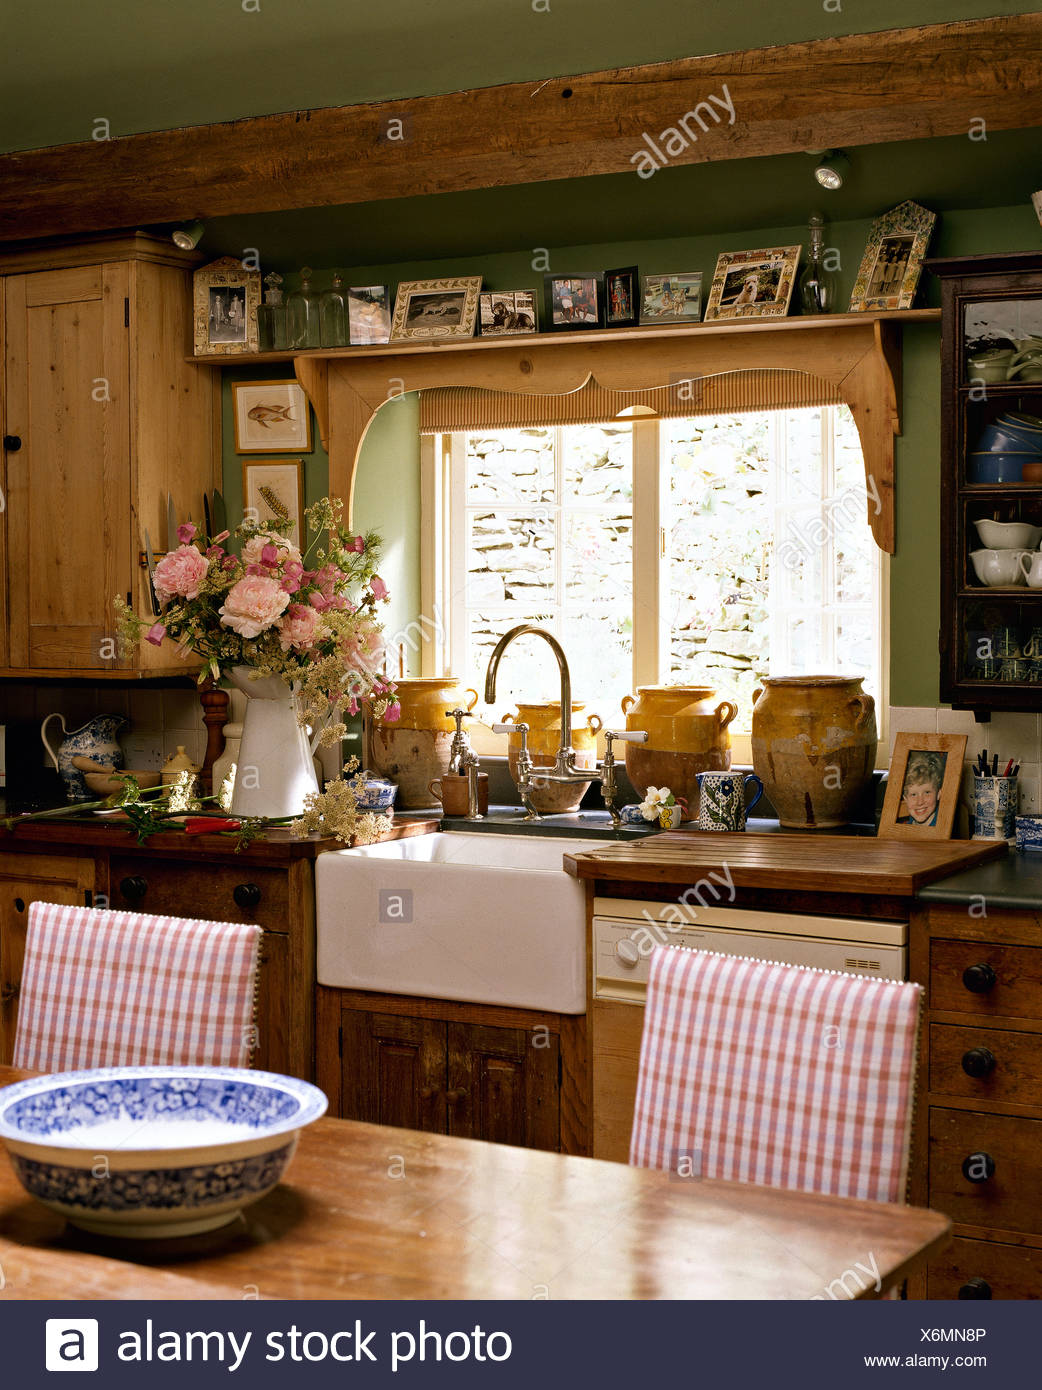 Fotografie su scaffale sopra la finestra e Belfast lavello in cucina ...